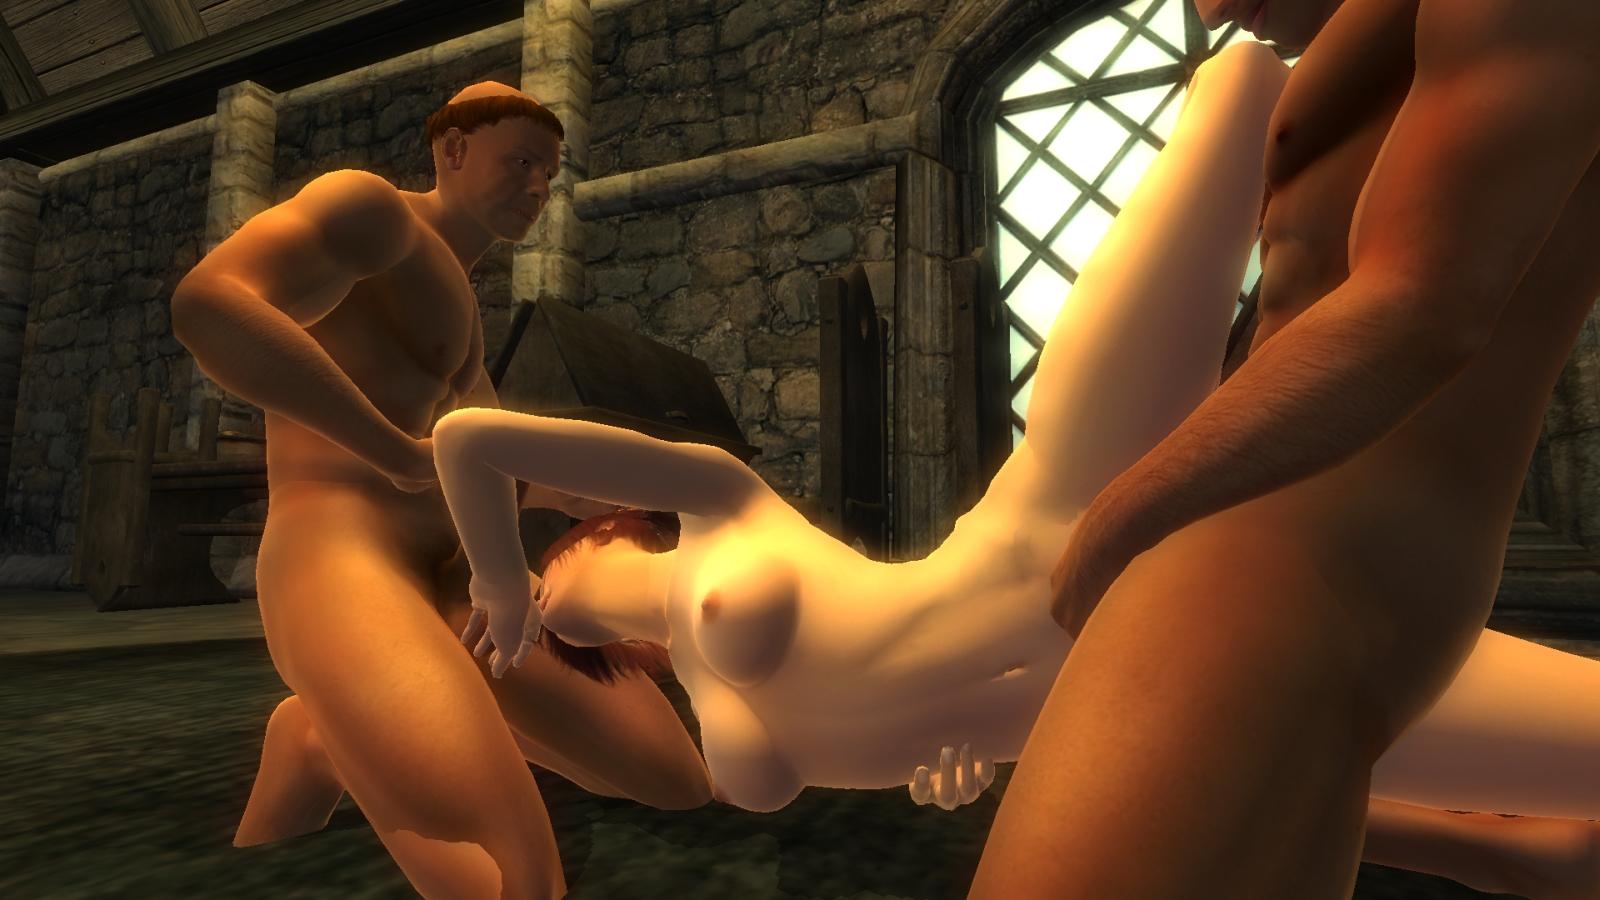 The Elder Scrolls Oblivion Sex Mod Download